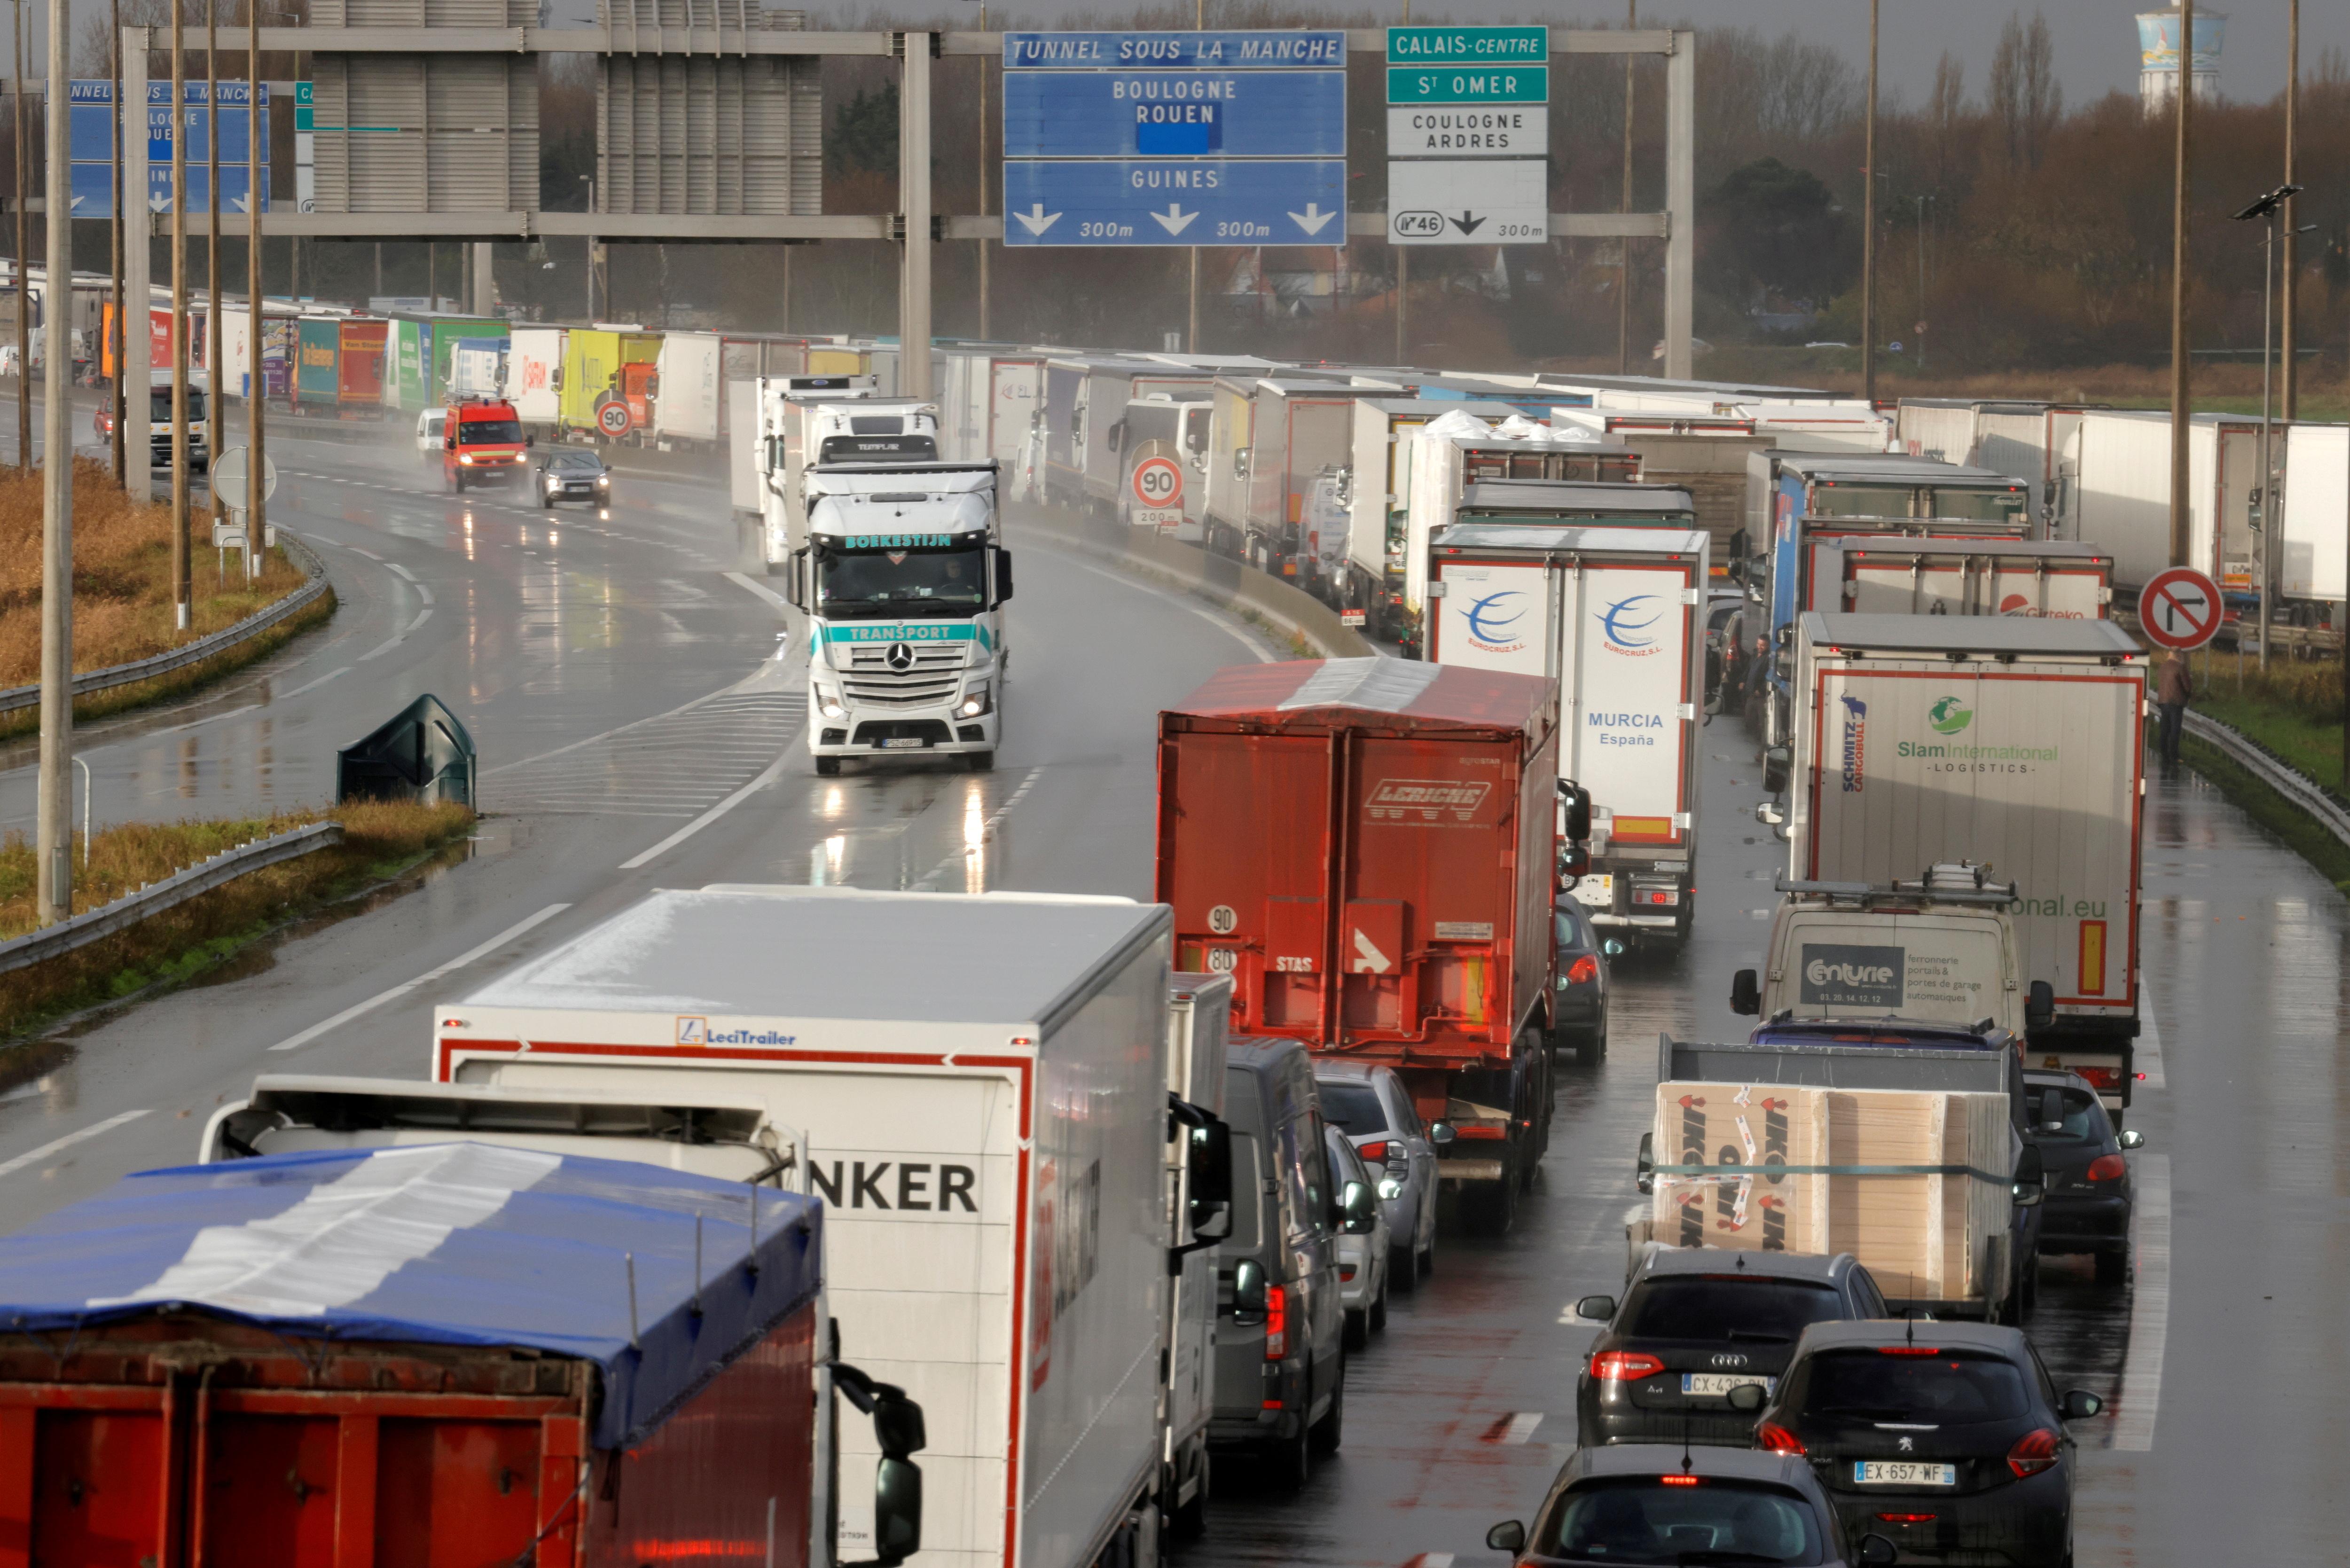 Lastebiler kø på motorveien A16 for å komme inn i Kanaltunnelen i Calais, Nord-Frankrike, 17. desember 2020. REUTERS / Pascal Rossignol